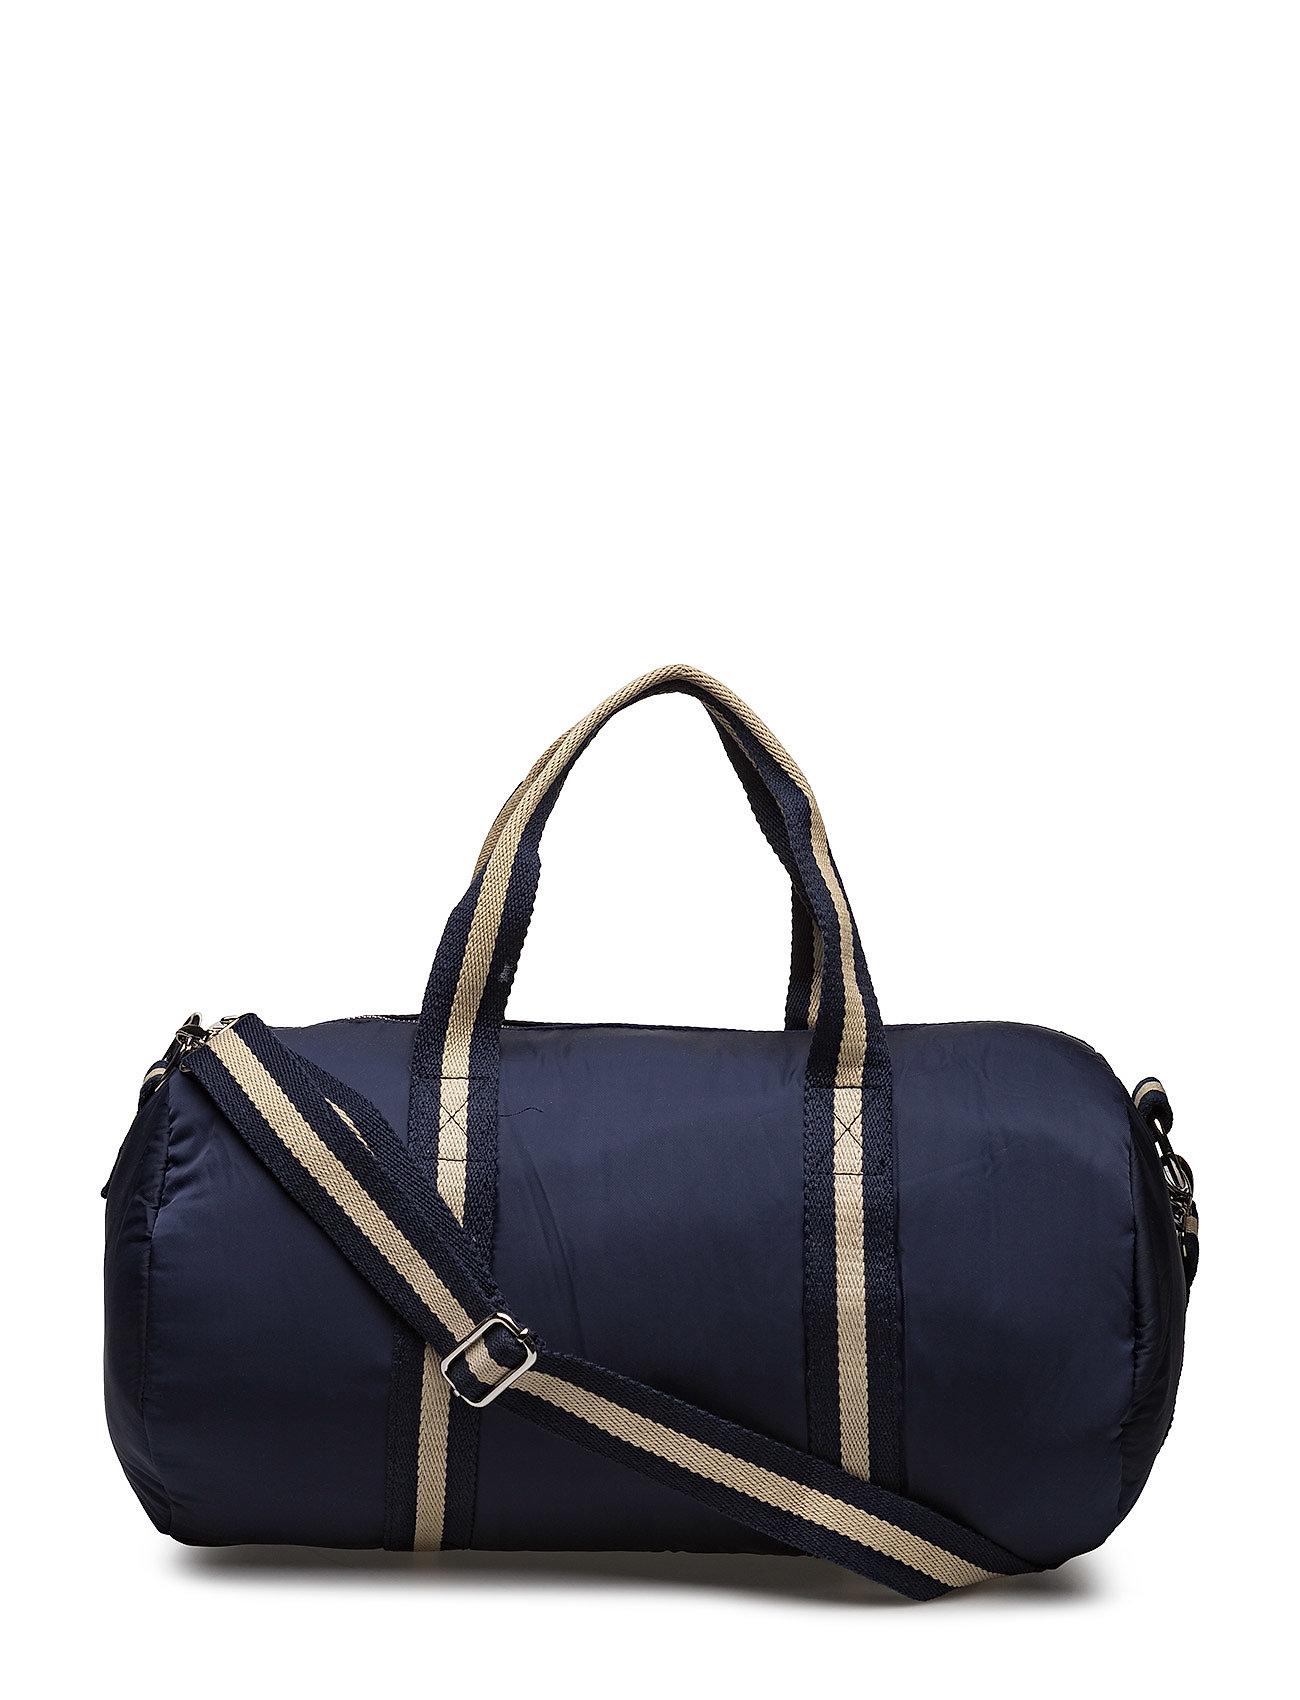 molo Duffle bag